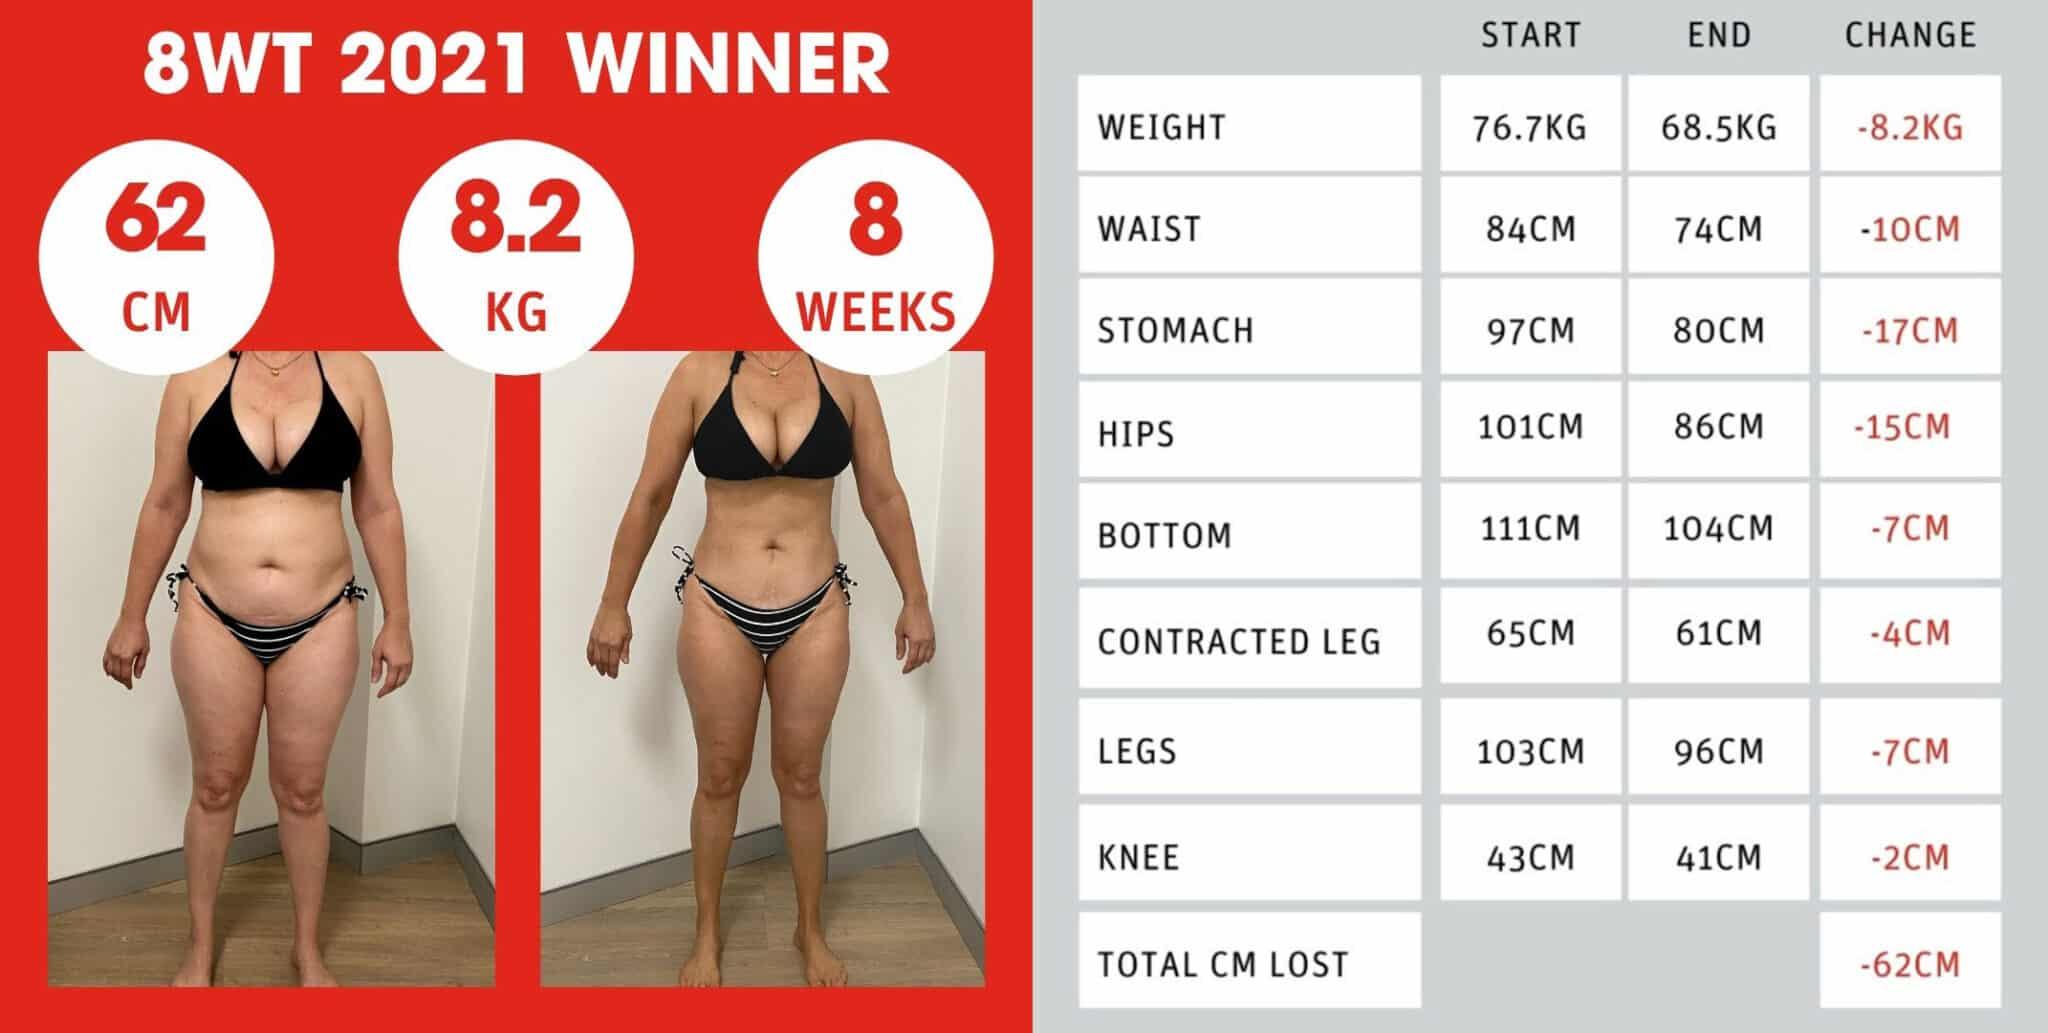 Real Results - Hypoxi